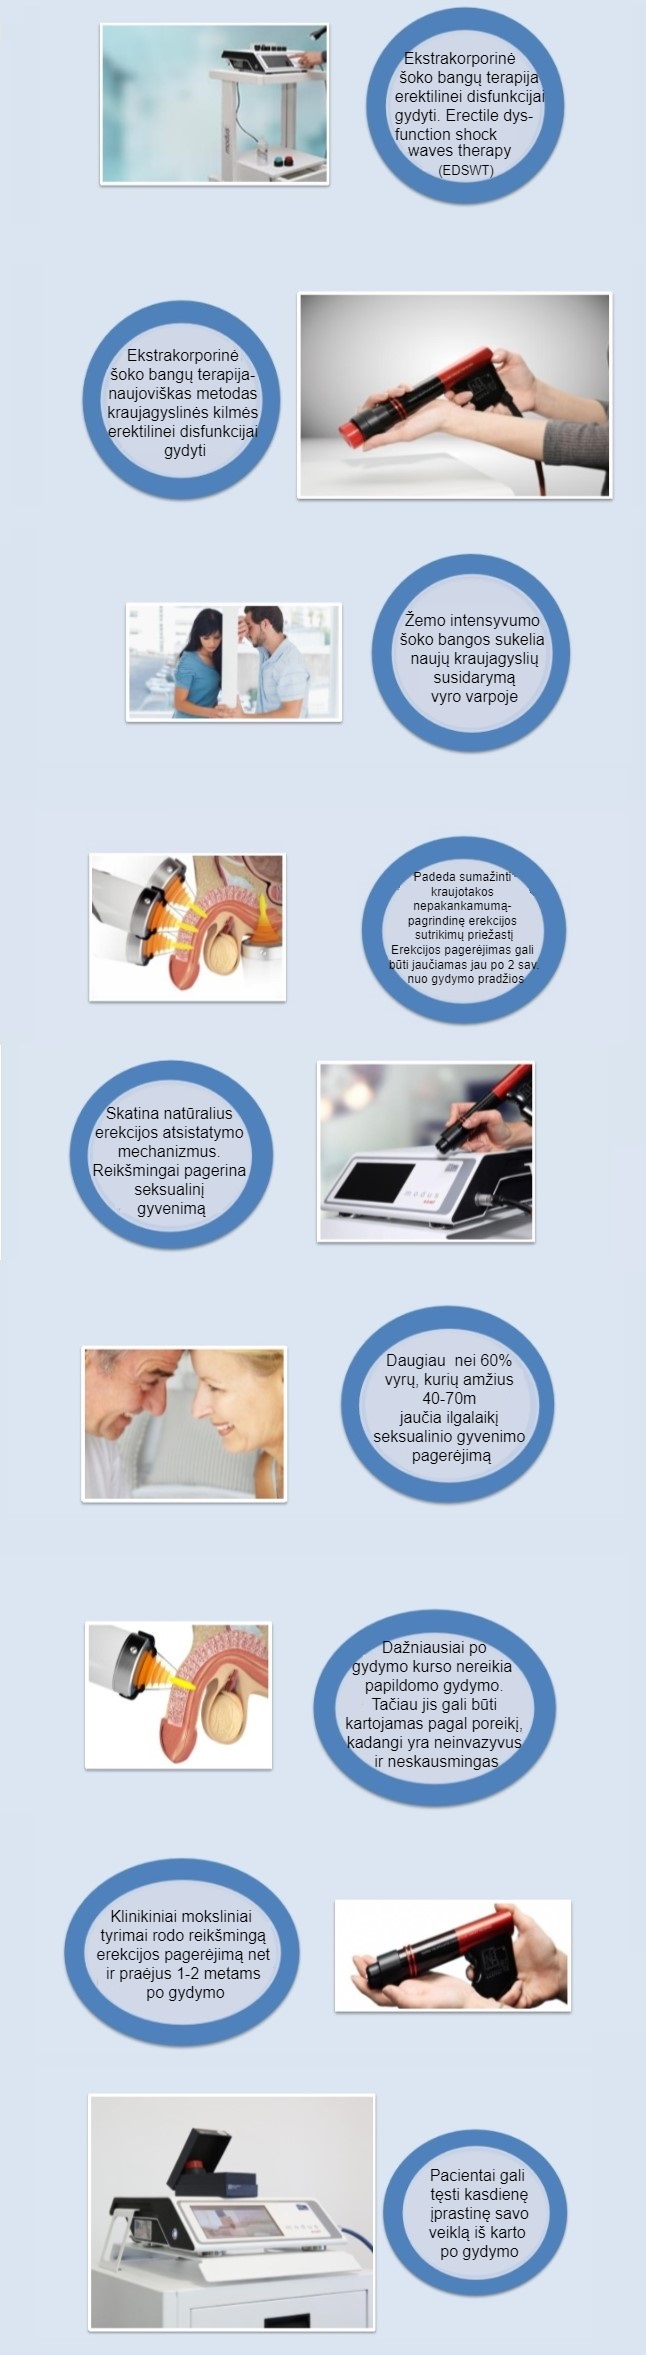 kraujagyslių terapijos kursas hipertenzijai gydyti